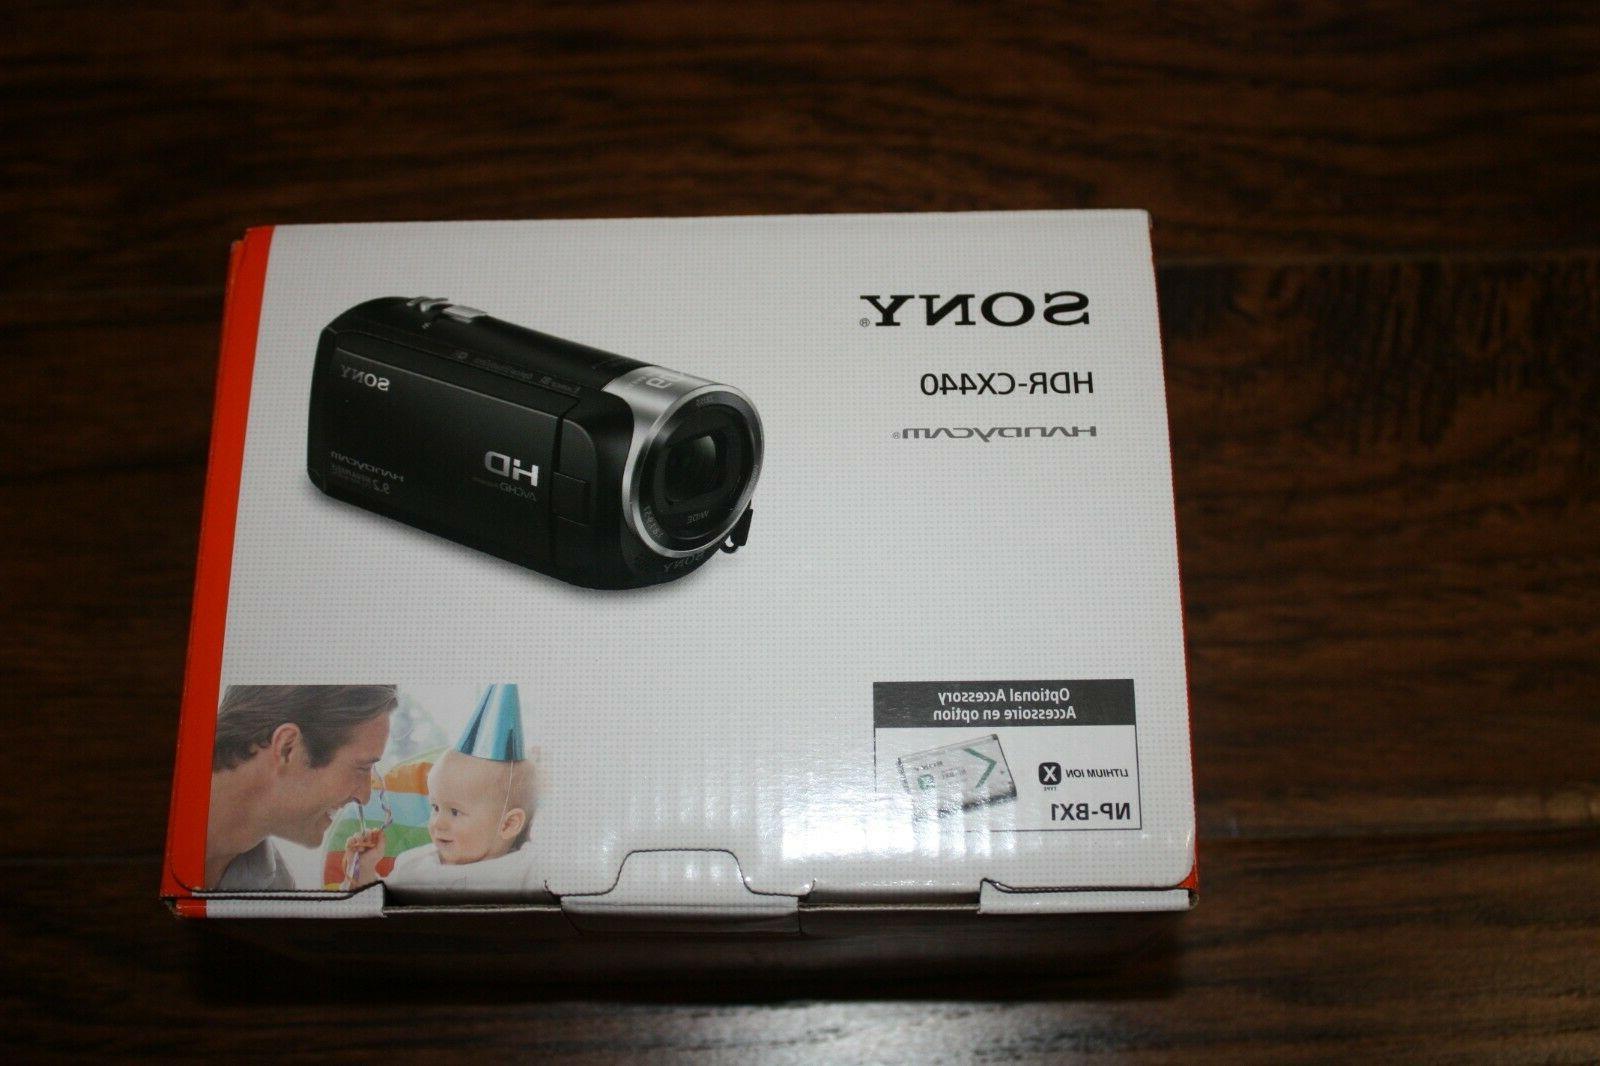 Brand New NIB Sony Handycam HDR-CX440 Camcorder 8GB 9.2 HD 1080